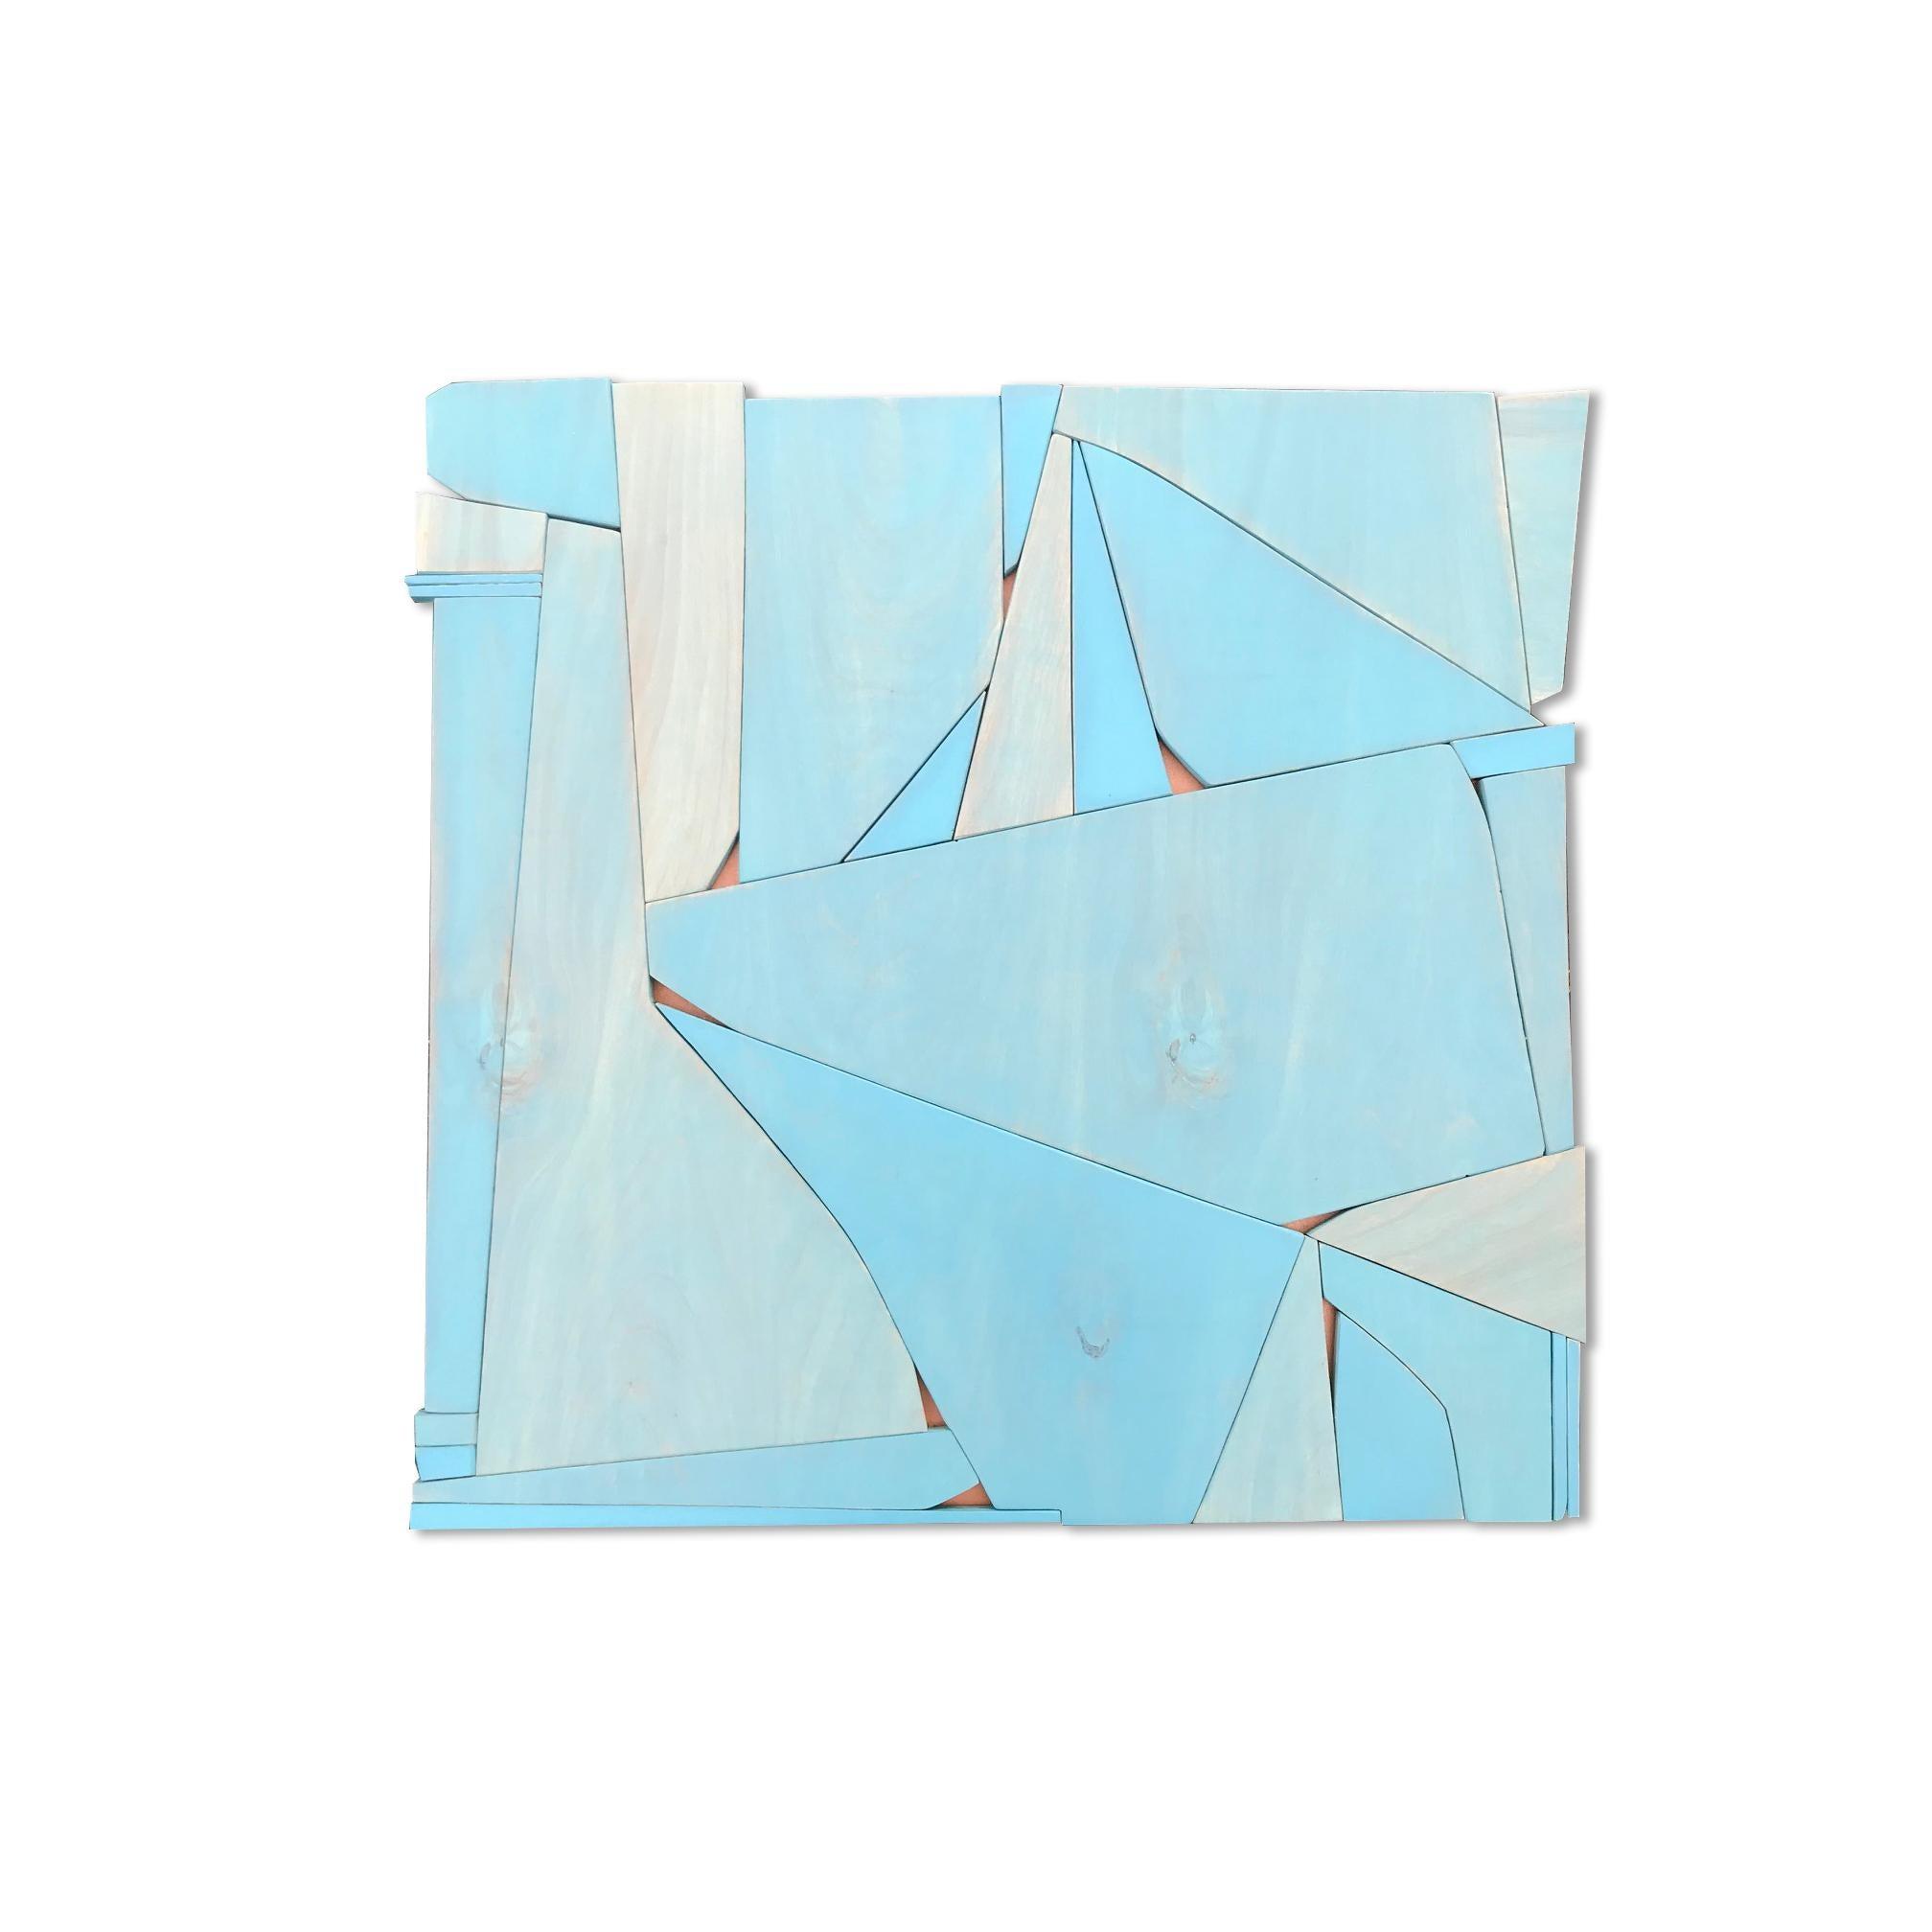 BlueCopper II (modern abstract wall sculpture minimal geometric design blue art)